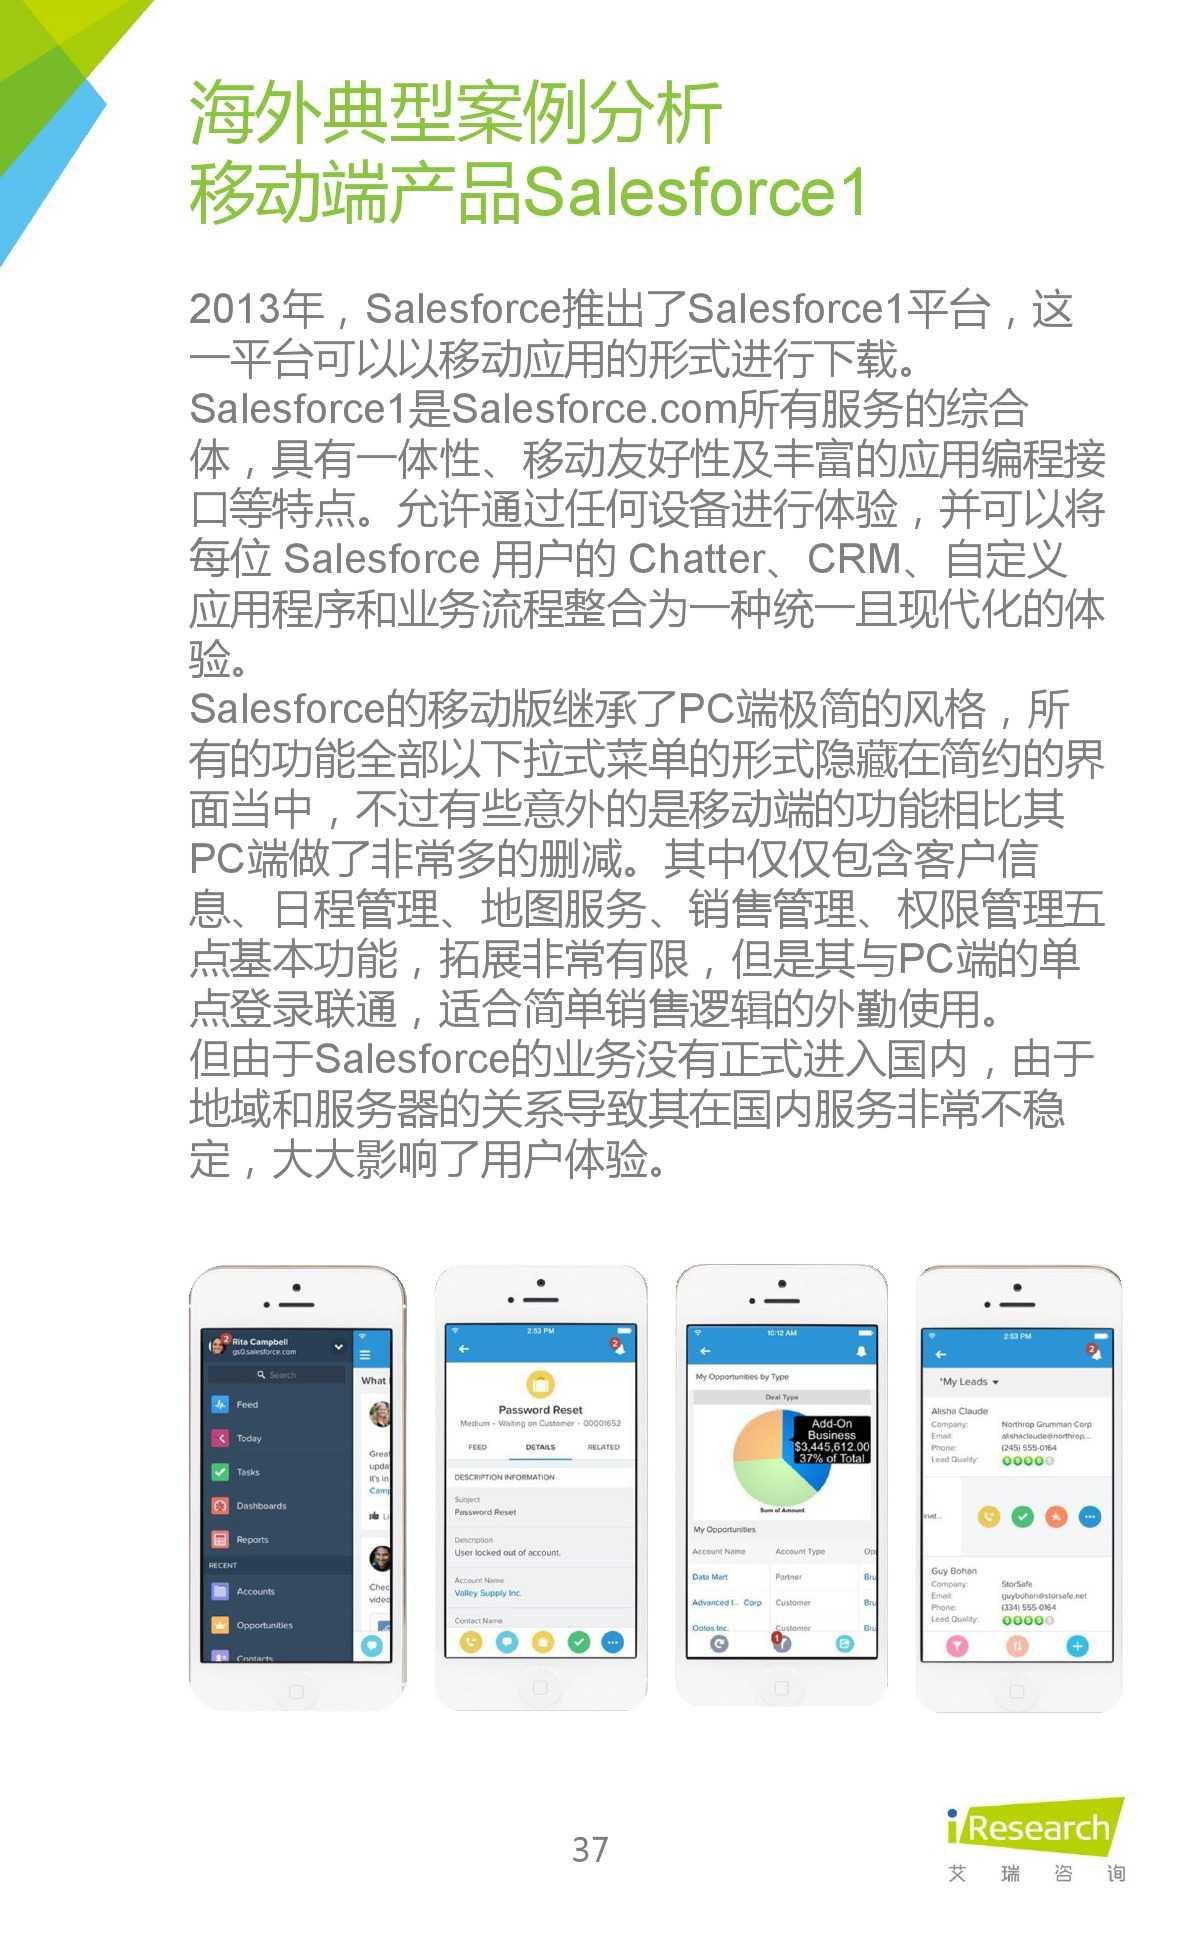 2015年中国移动销售CRM行业研究报告_000037